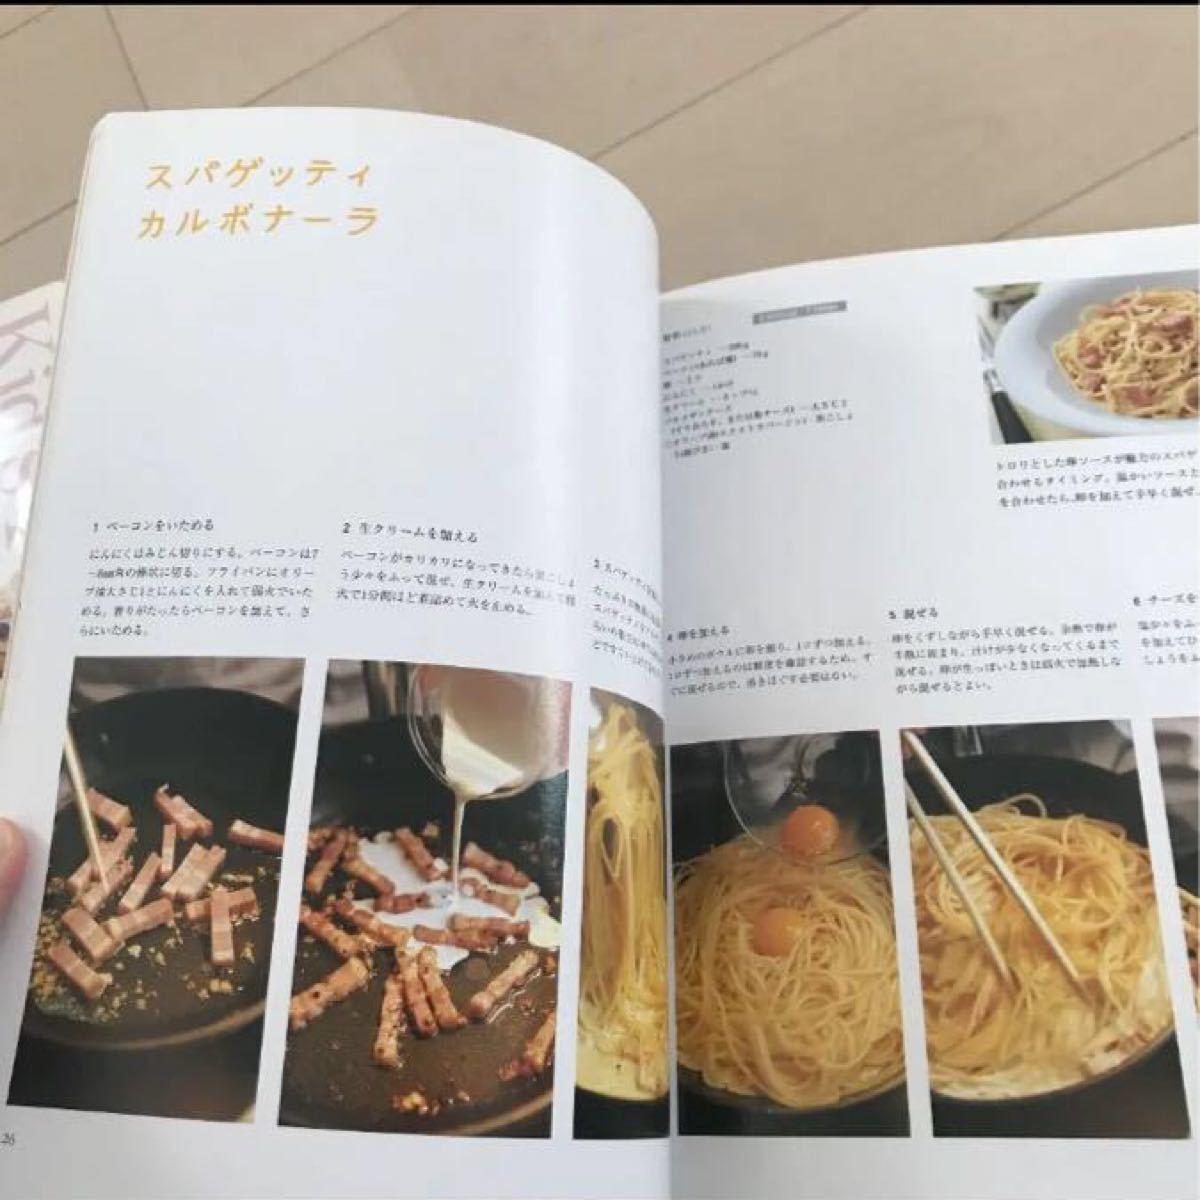 レシピ本「つくりたい!お店で人気のスパゲッティ」